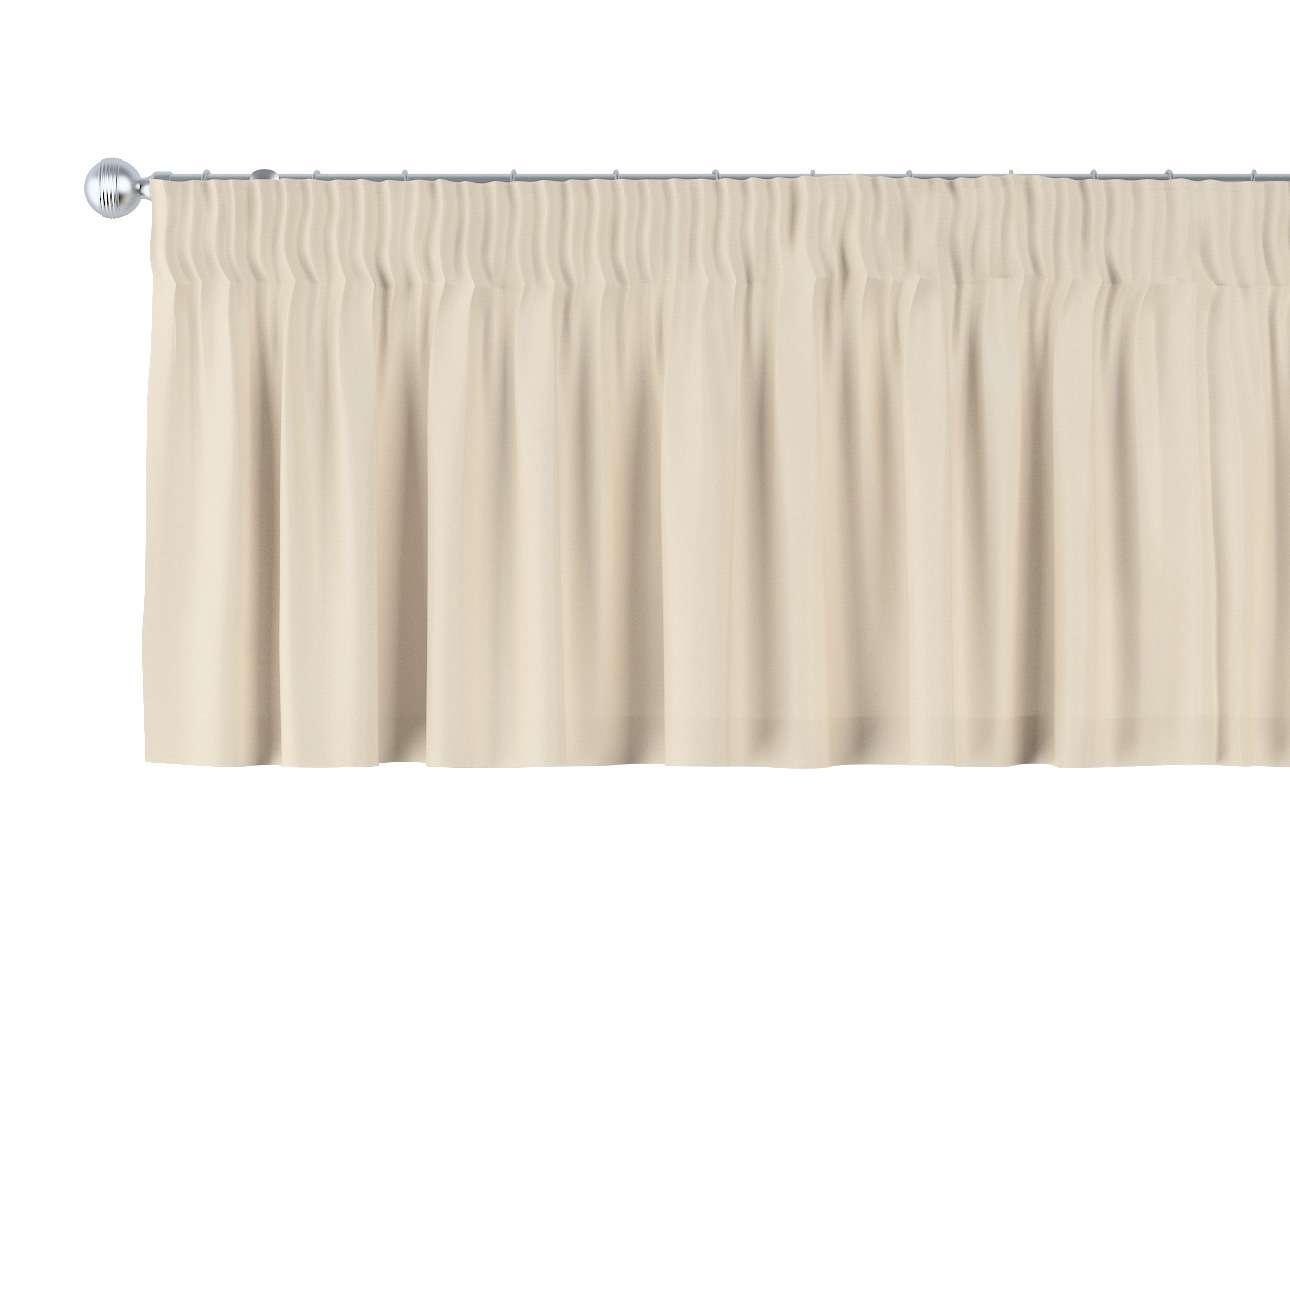 Gardinkappe med rynkebånd 130 × 40 cm fra kollektionen Damasco, Stof: 141-73